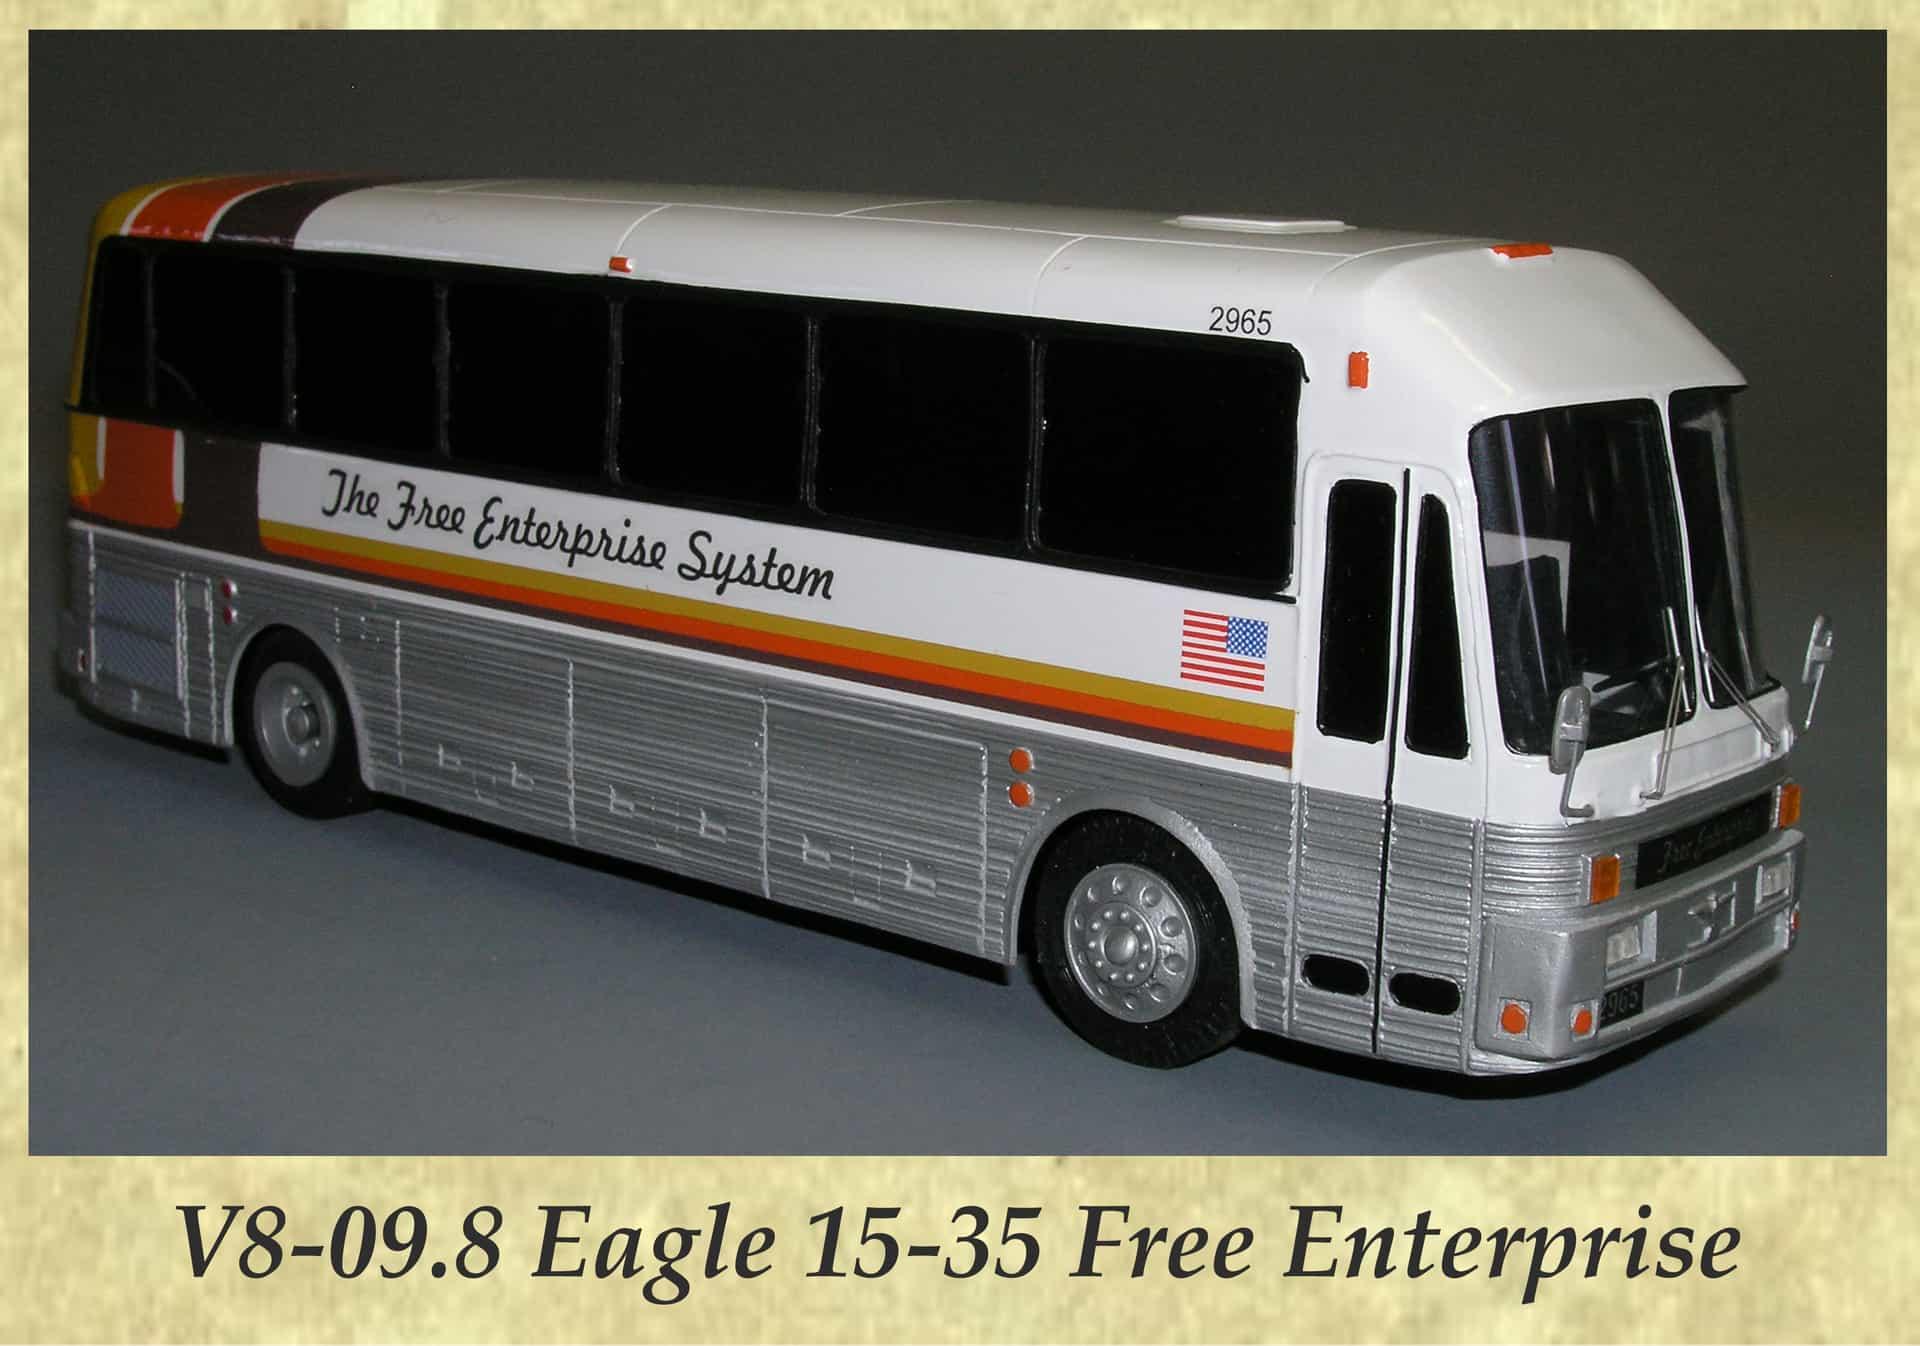 V8-09.8 Eagle 15-35 Free Enterprise